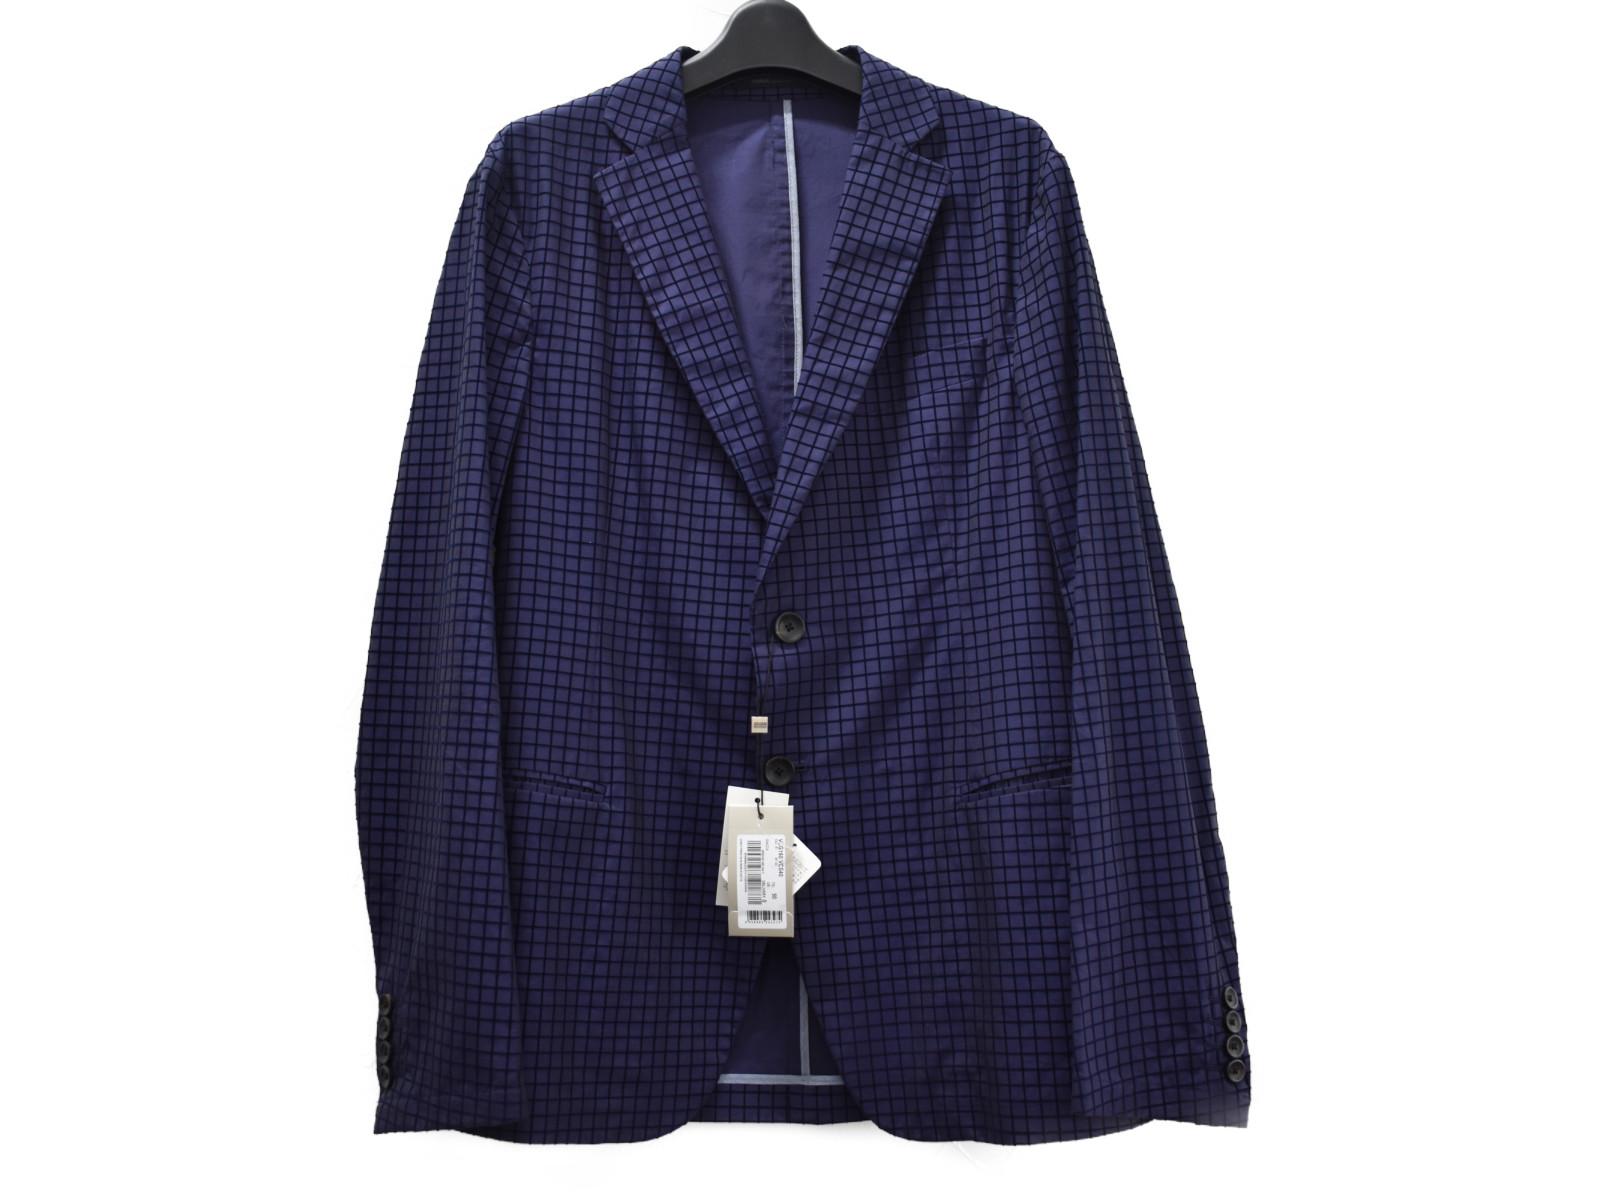 【中古品★】ARMANIジャケット VCG160VCS40 ブルー系 綿88% ポリアミド12% メンズ アパレル ジャケット おしゃれ 中古 シンプル ブルー系カラー【中古】